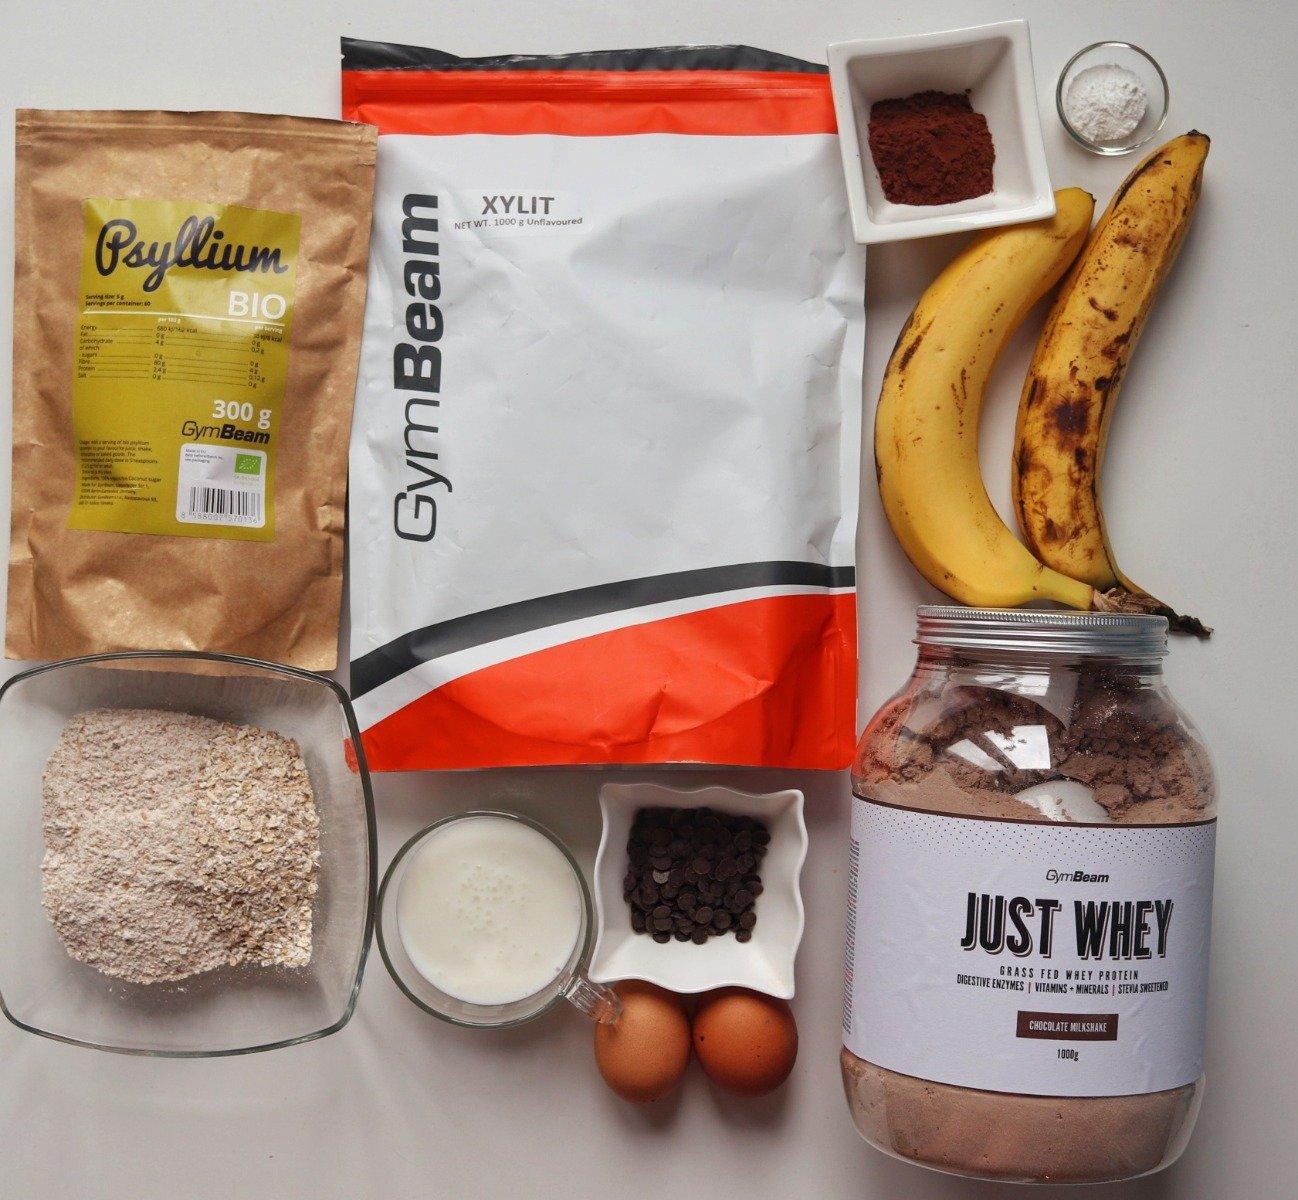 összetevők a csokoládés banánkenyér elkészítéséhez